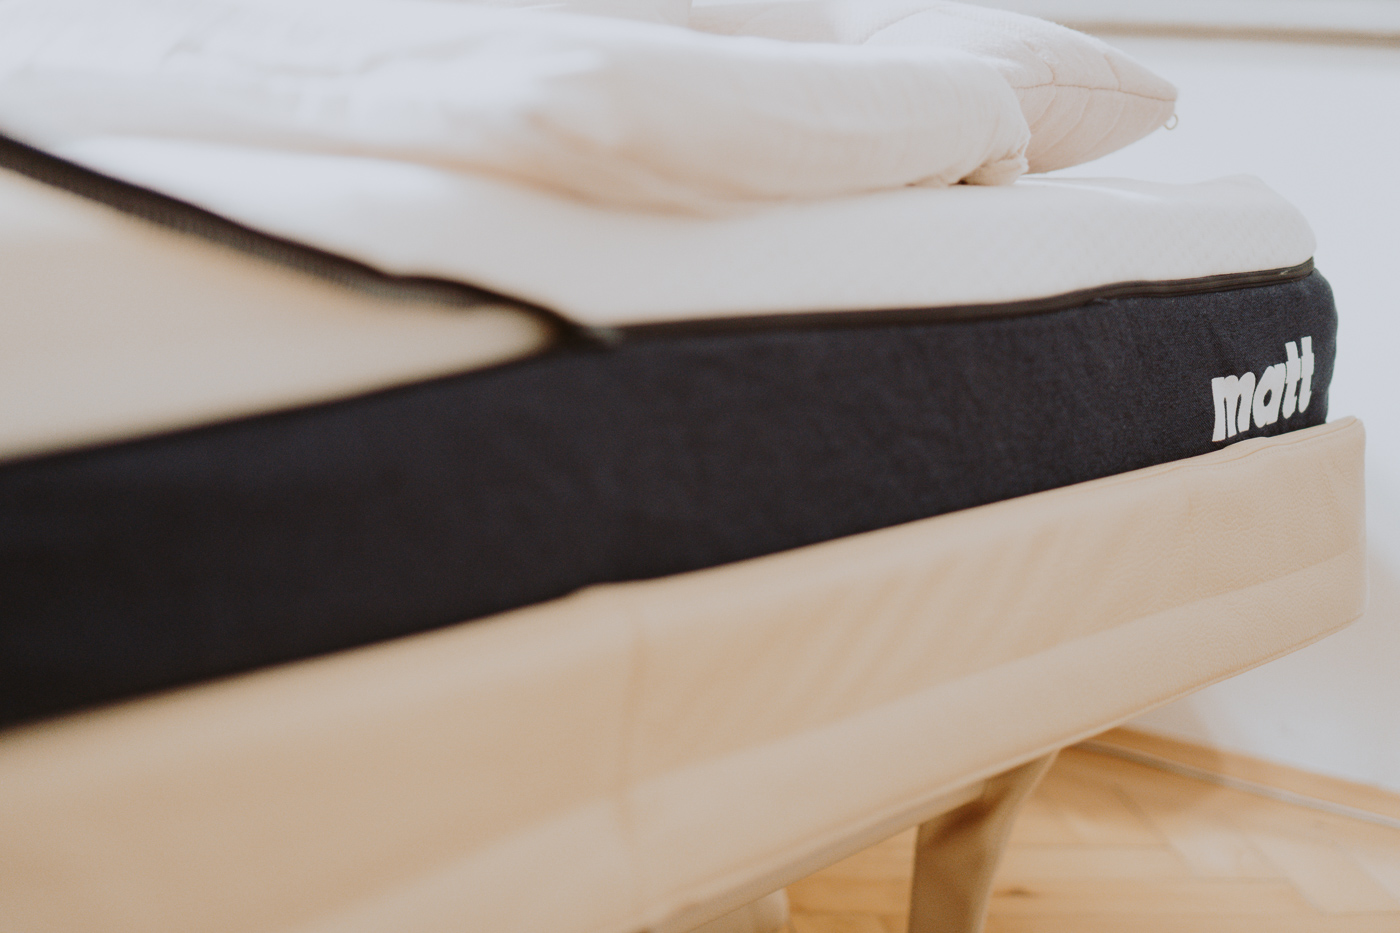 Schlafen ist schön. Matt Sleeps - Eine Matratze für jeden Schlaftyp, so schön ist Matt